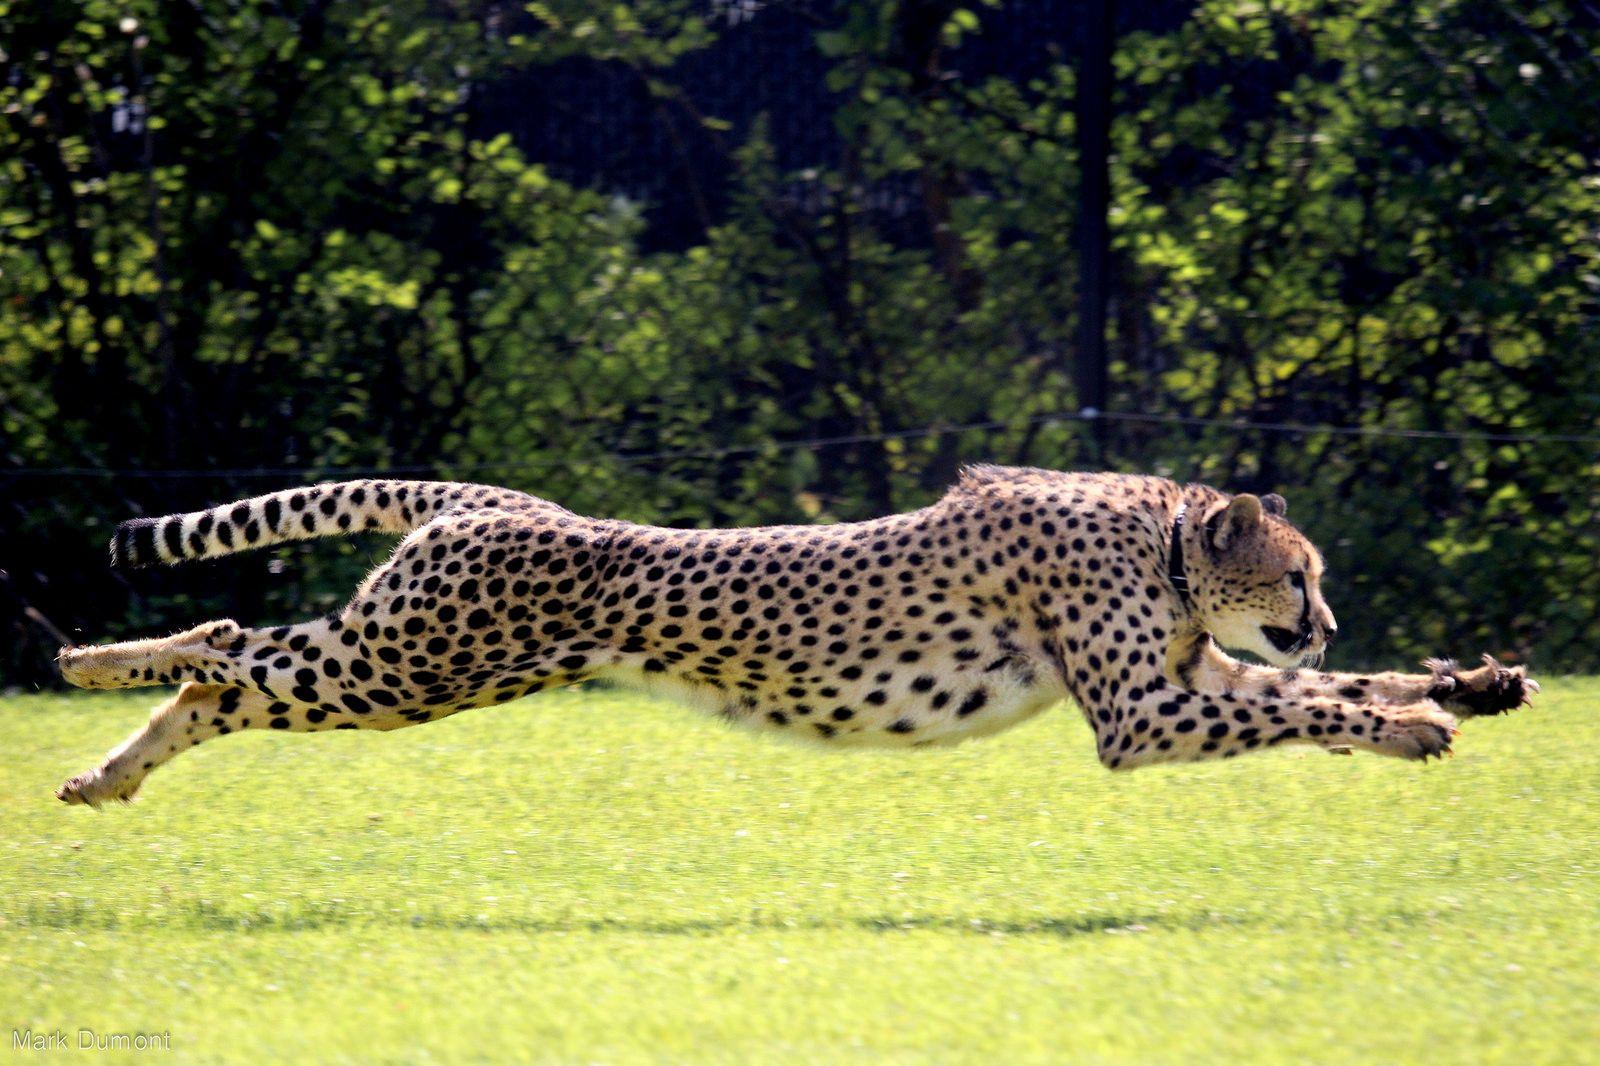 голубом бегущий гепард картинка создать удобный образ